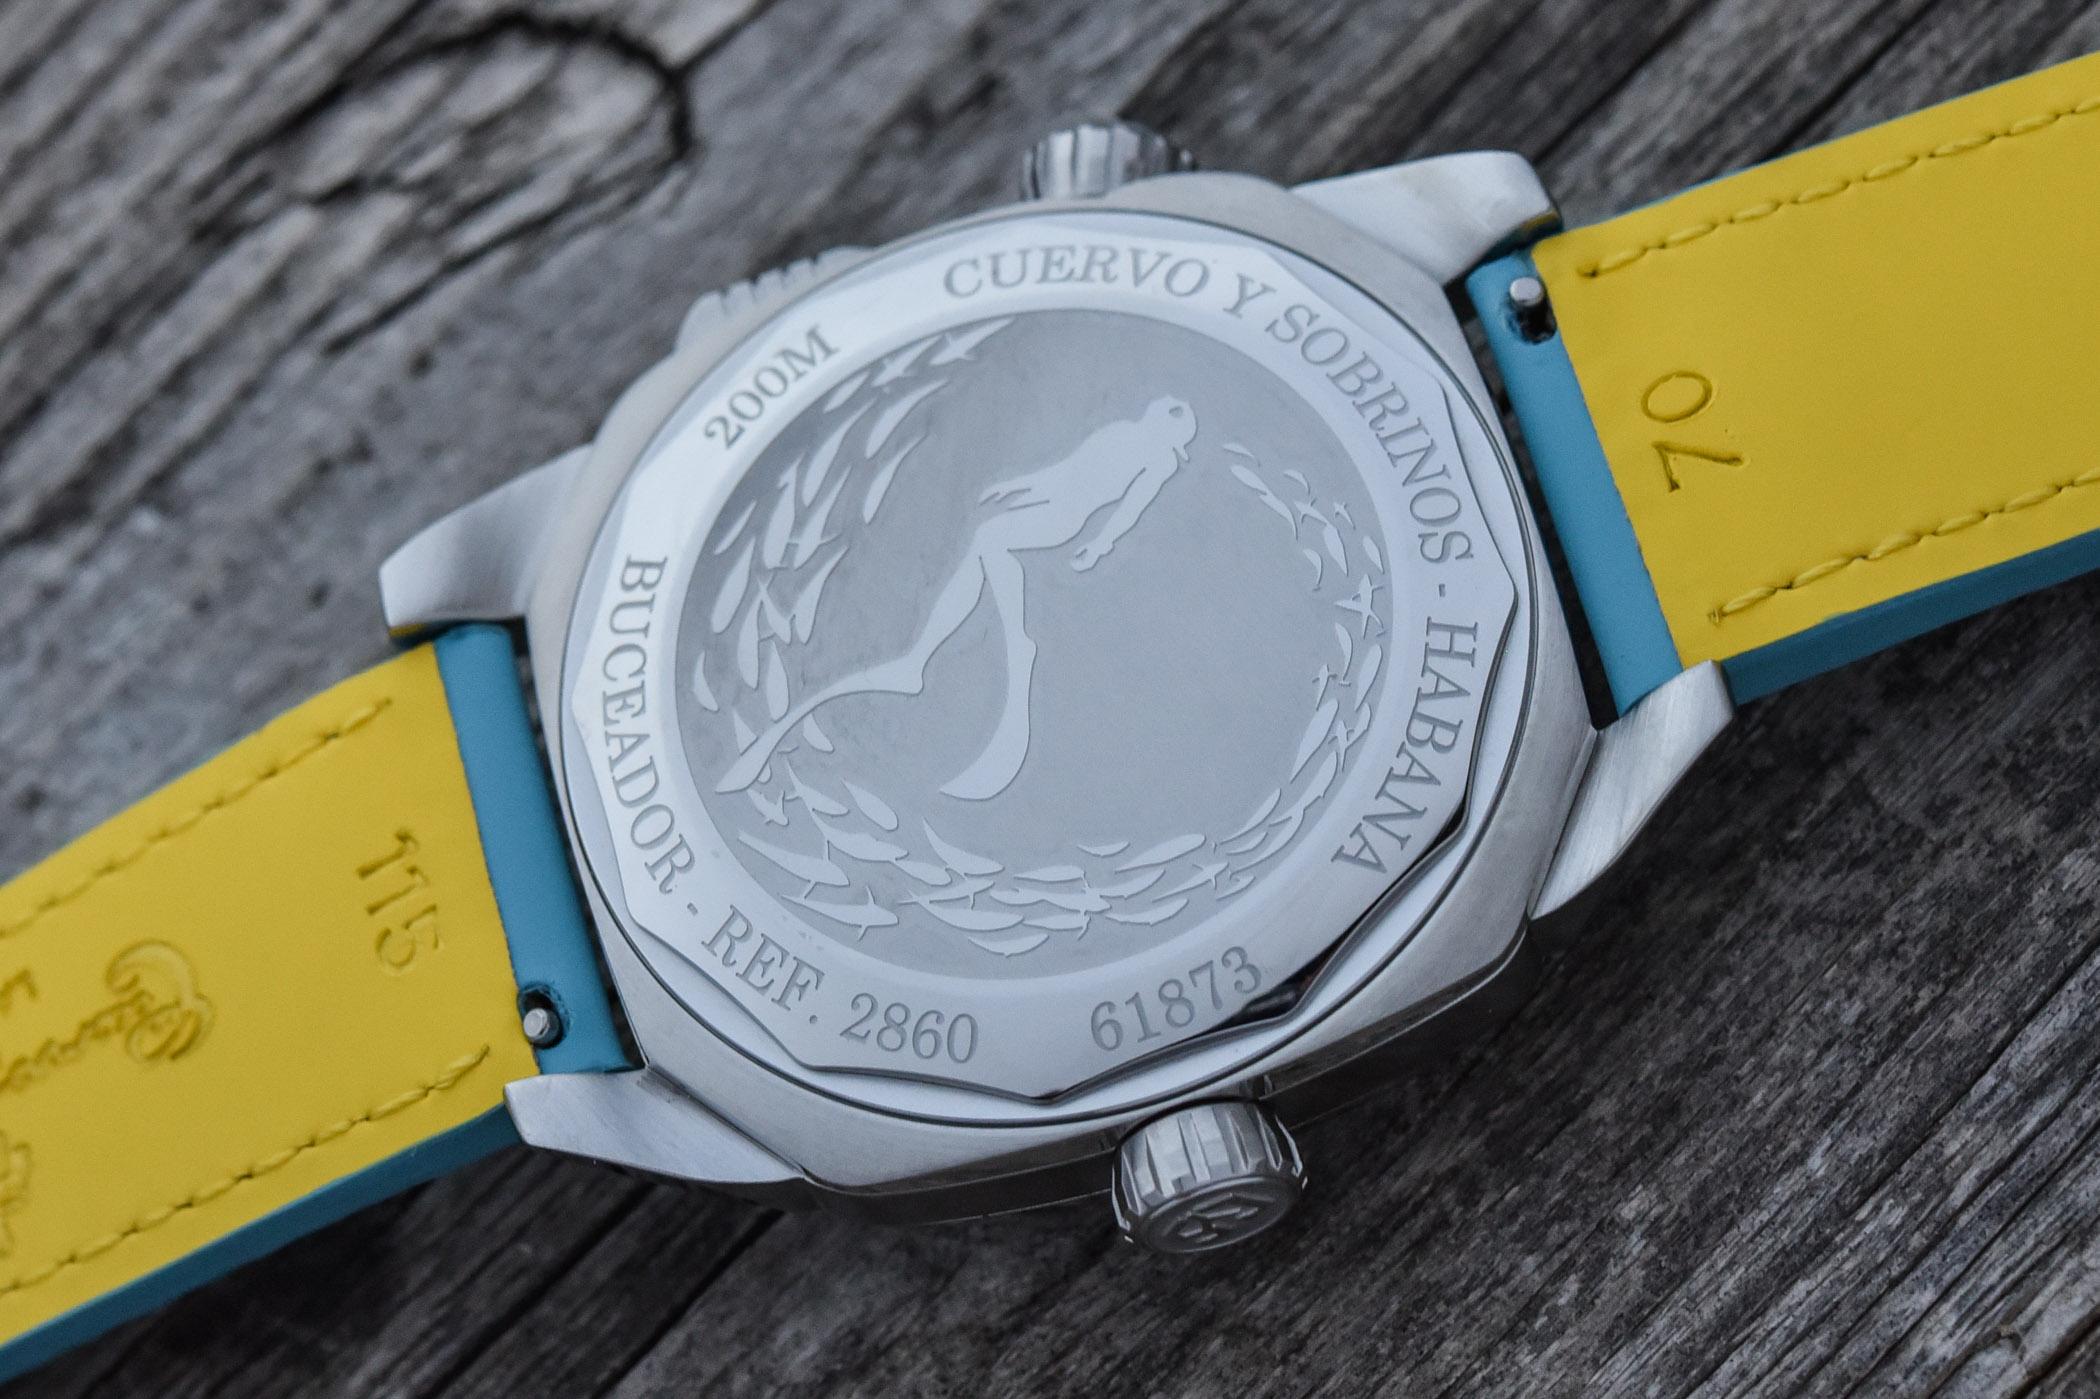 Cuervo y Sobrinos Buceador Caribe collection